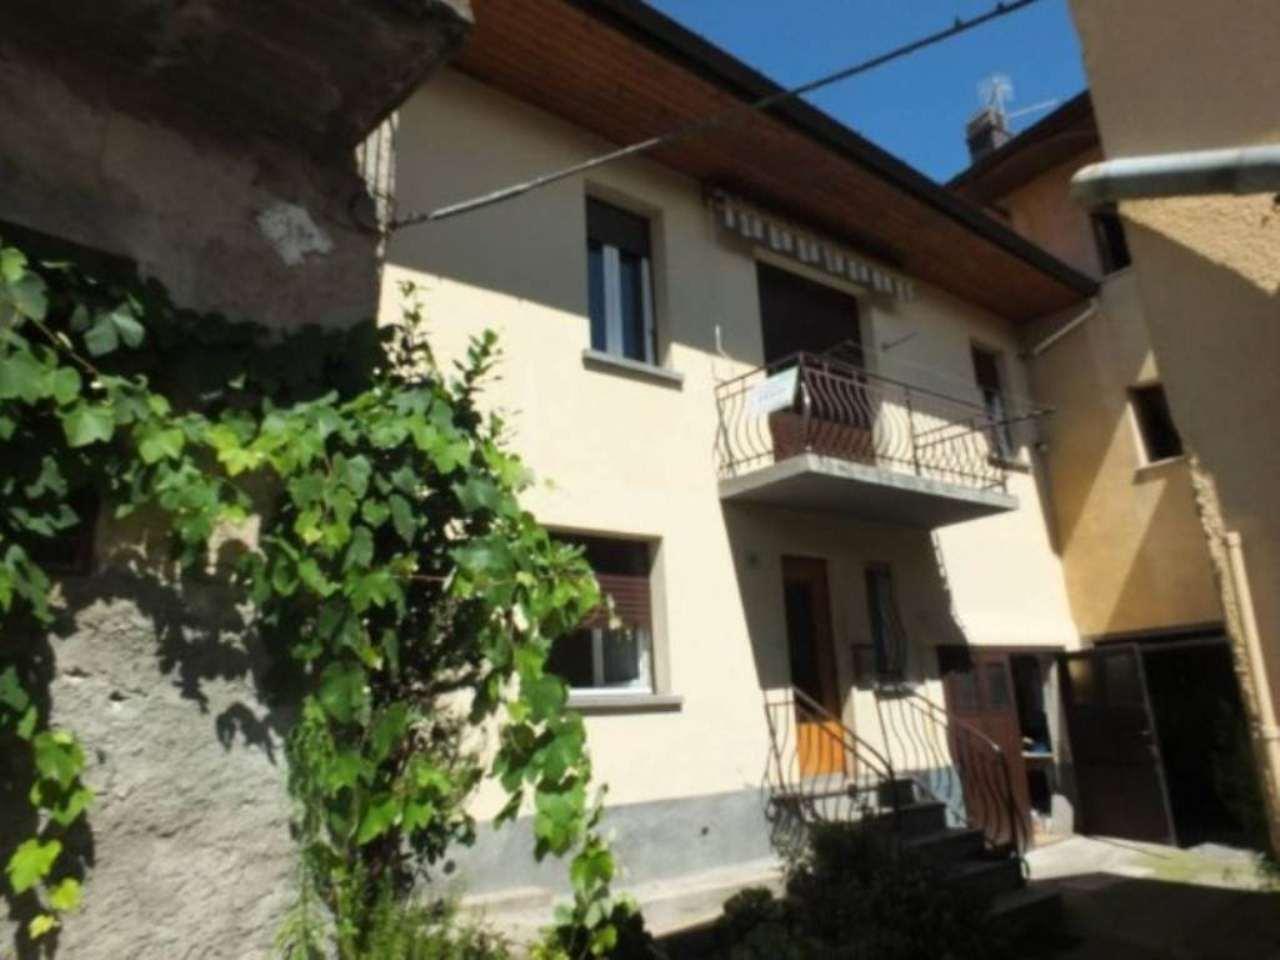 Soluzione Indipendente in vendita a Cunardo, 3 locali, prezzo € 55.000 | CambioCasa.it